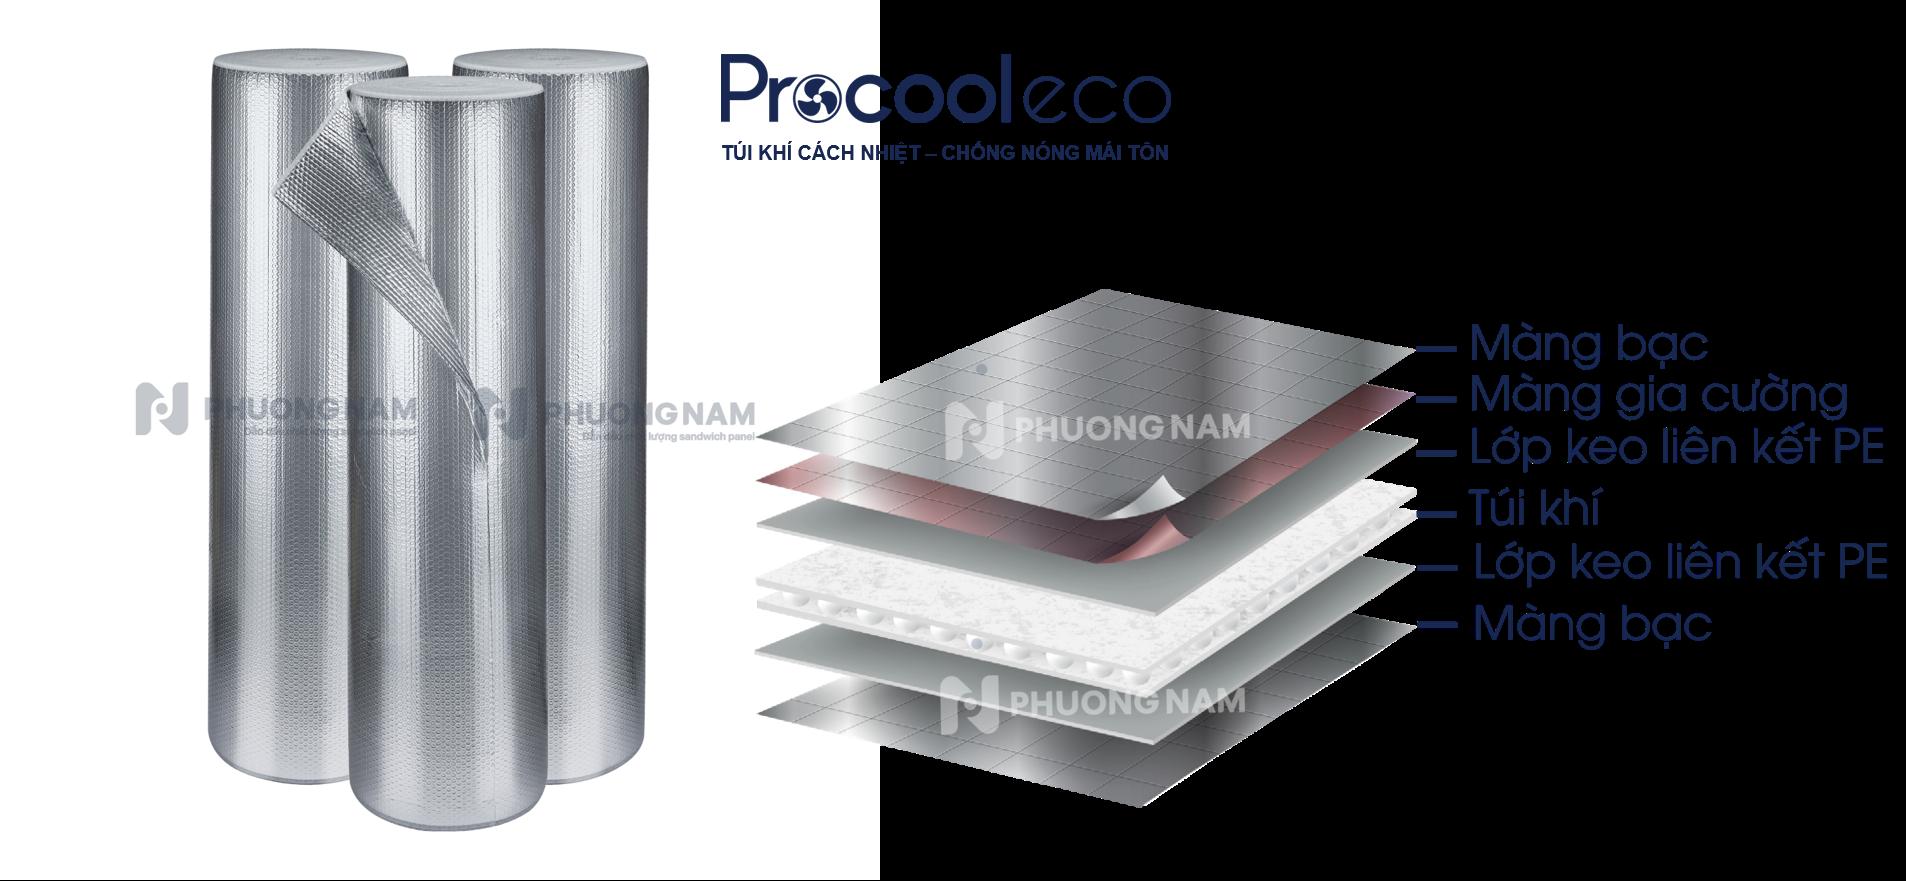 Tấm cách nhiệt túi khí ProCool Eco - Chống nóng mái tôn